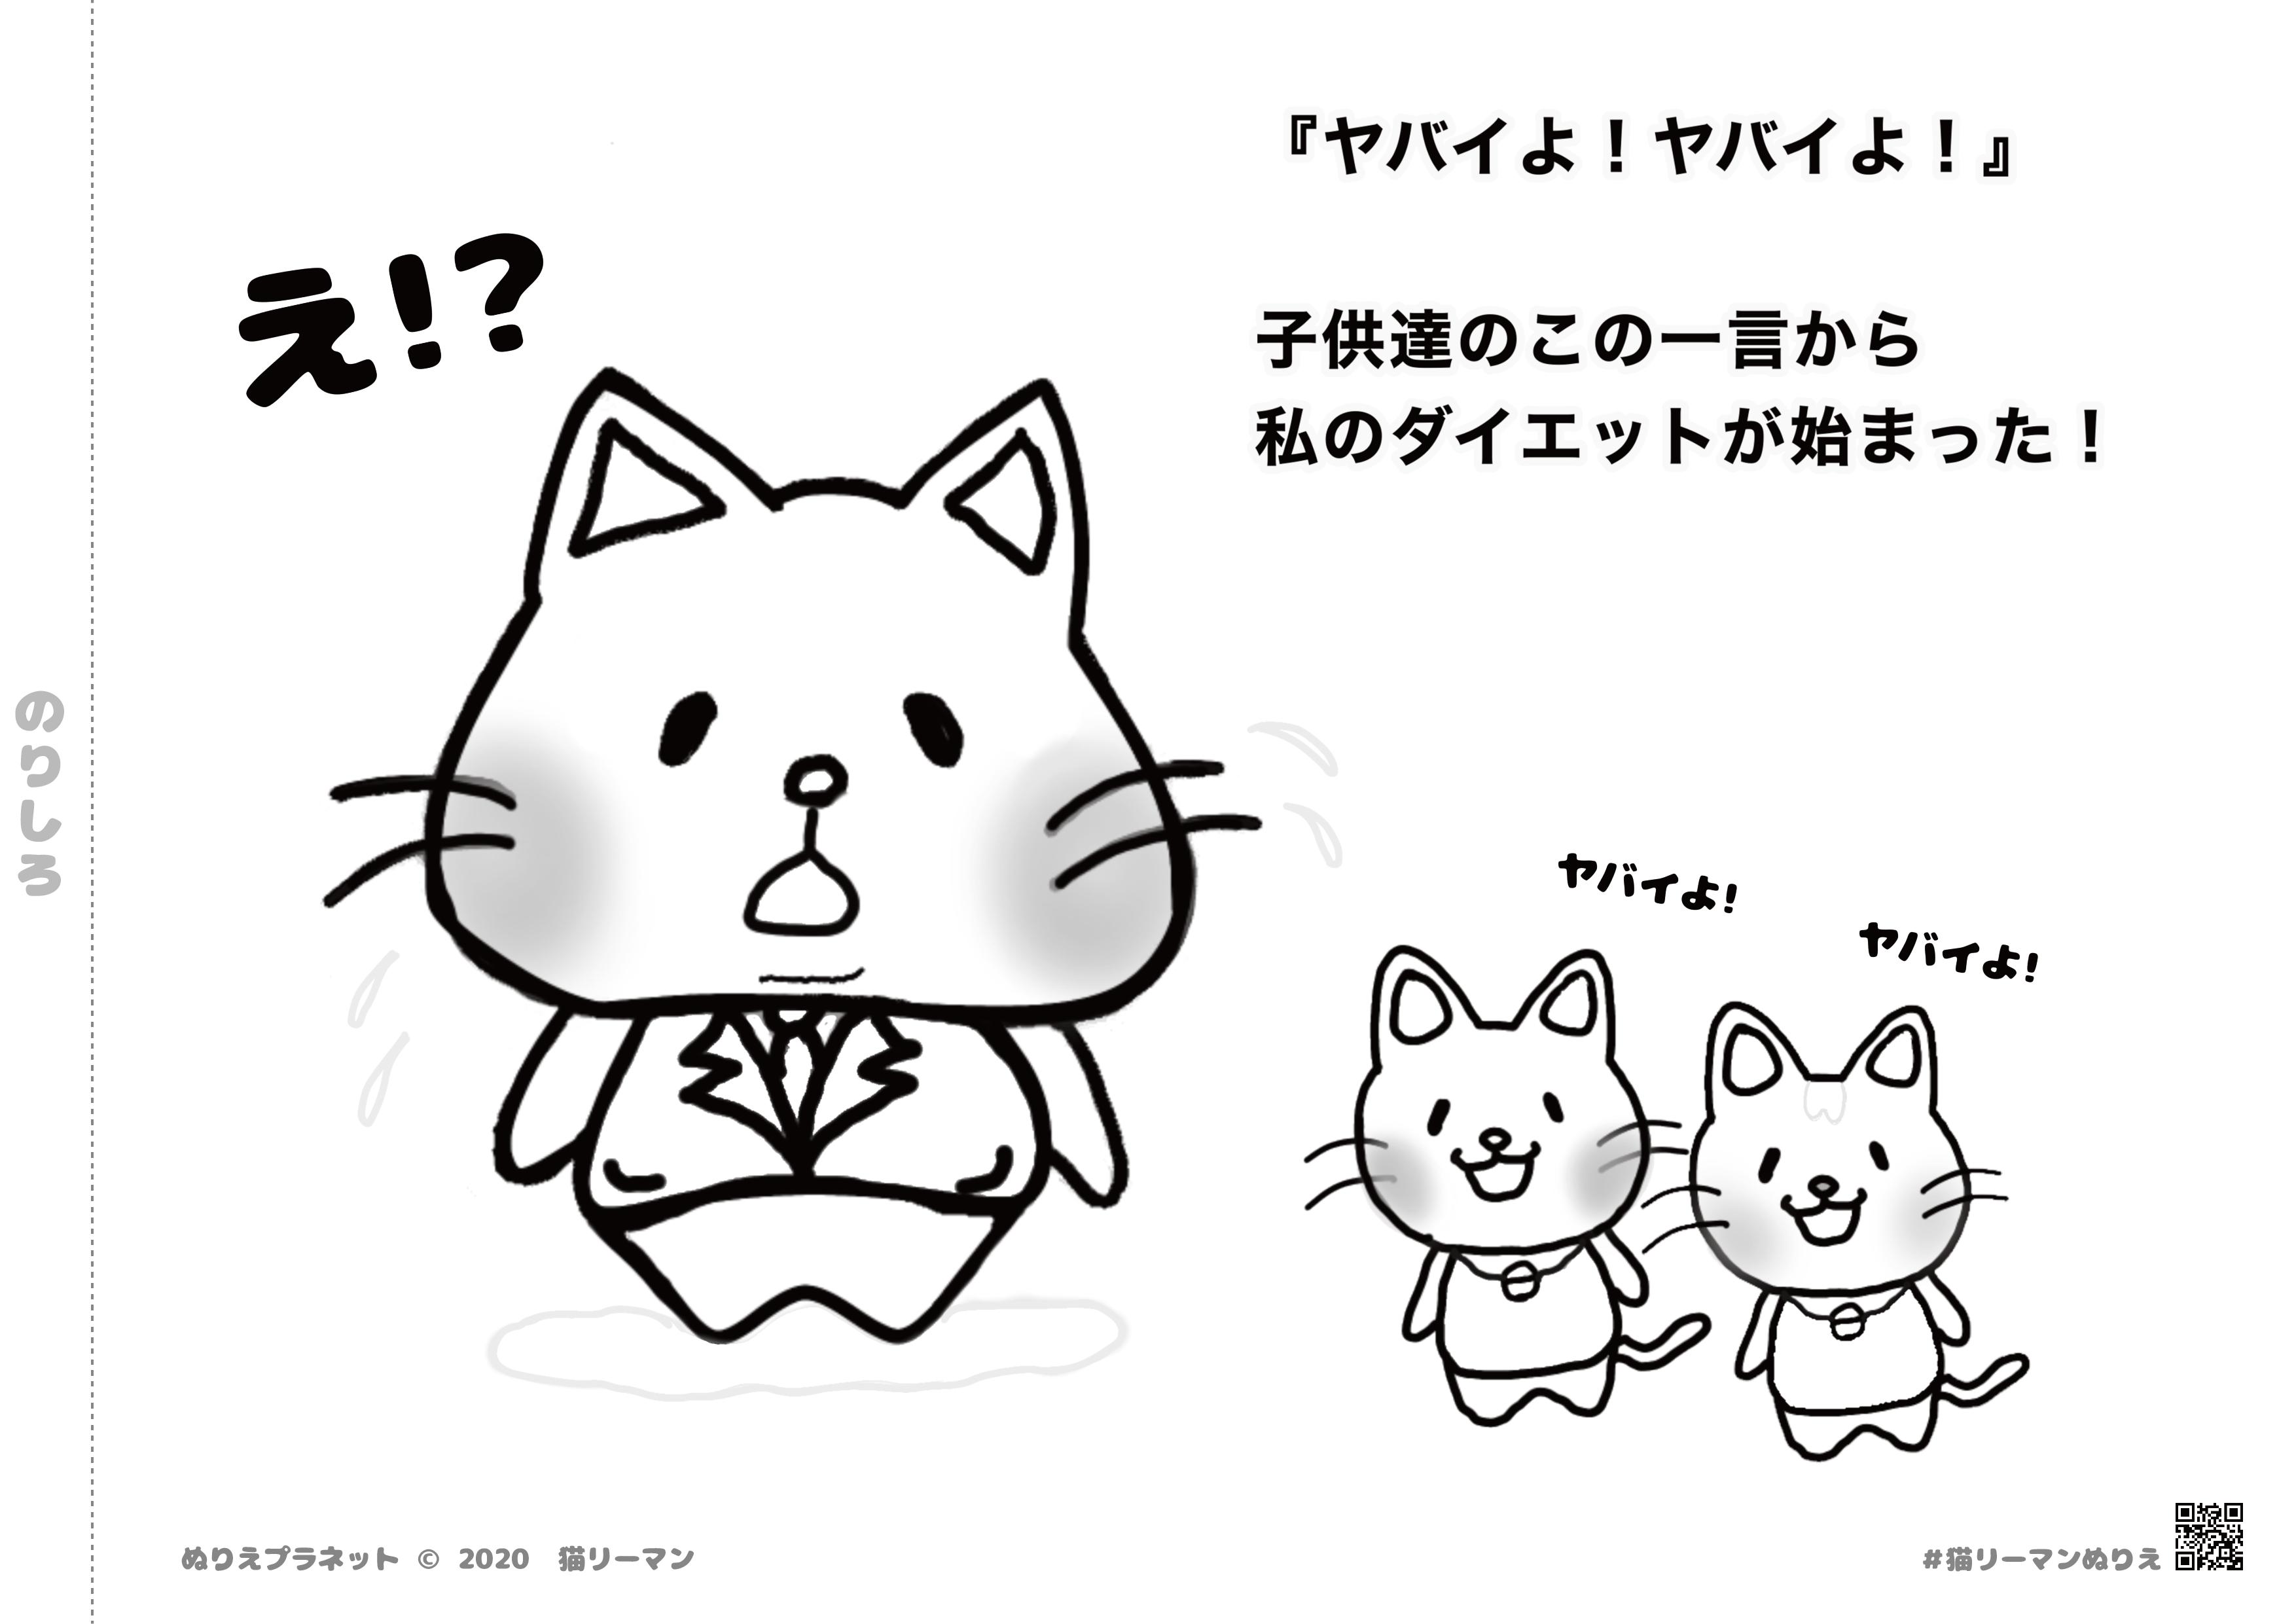 猫リーマンは子供達にヤバイと言われ、ダイエットを始めました。